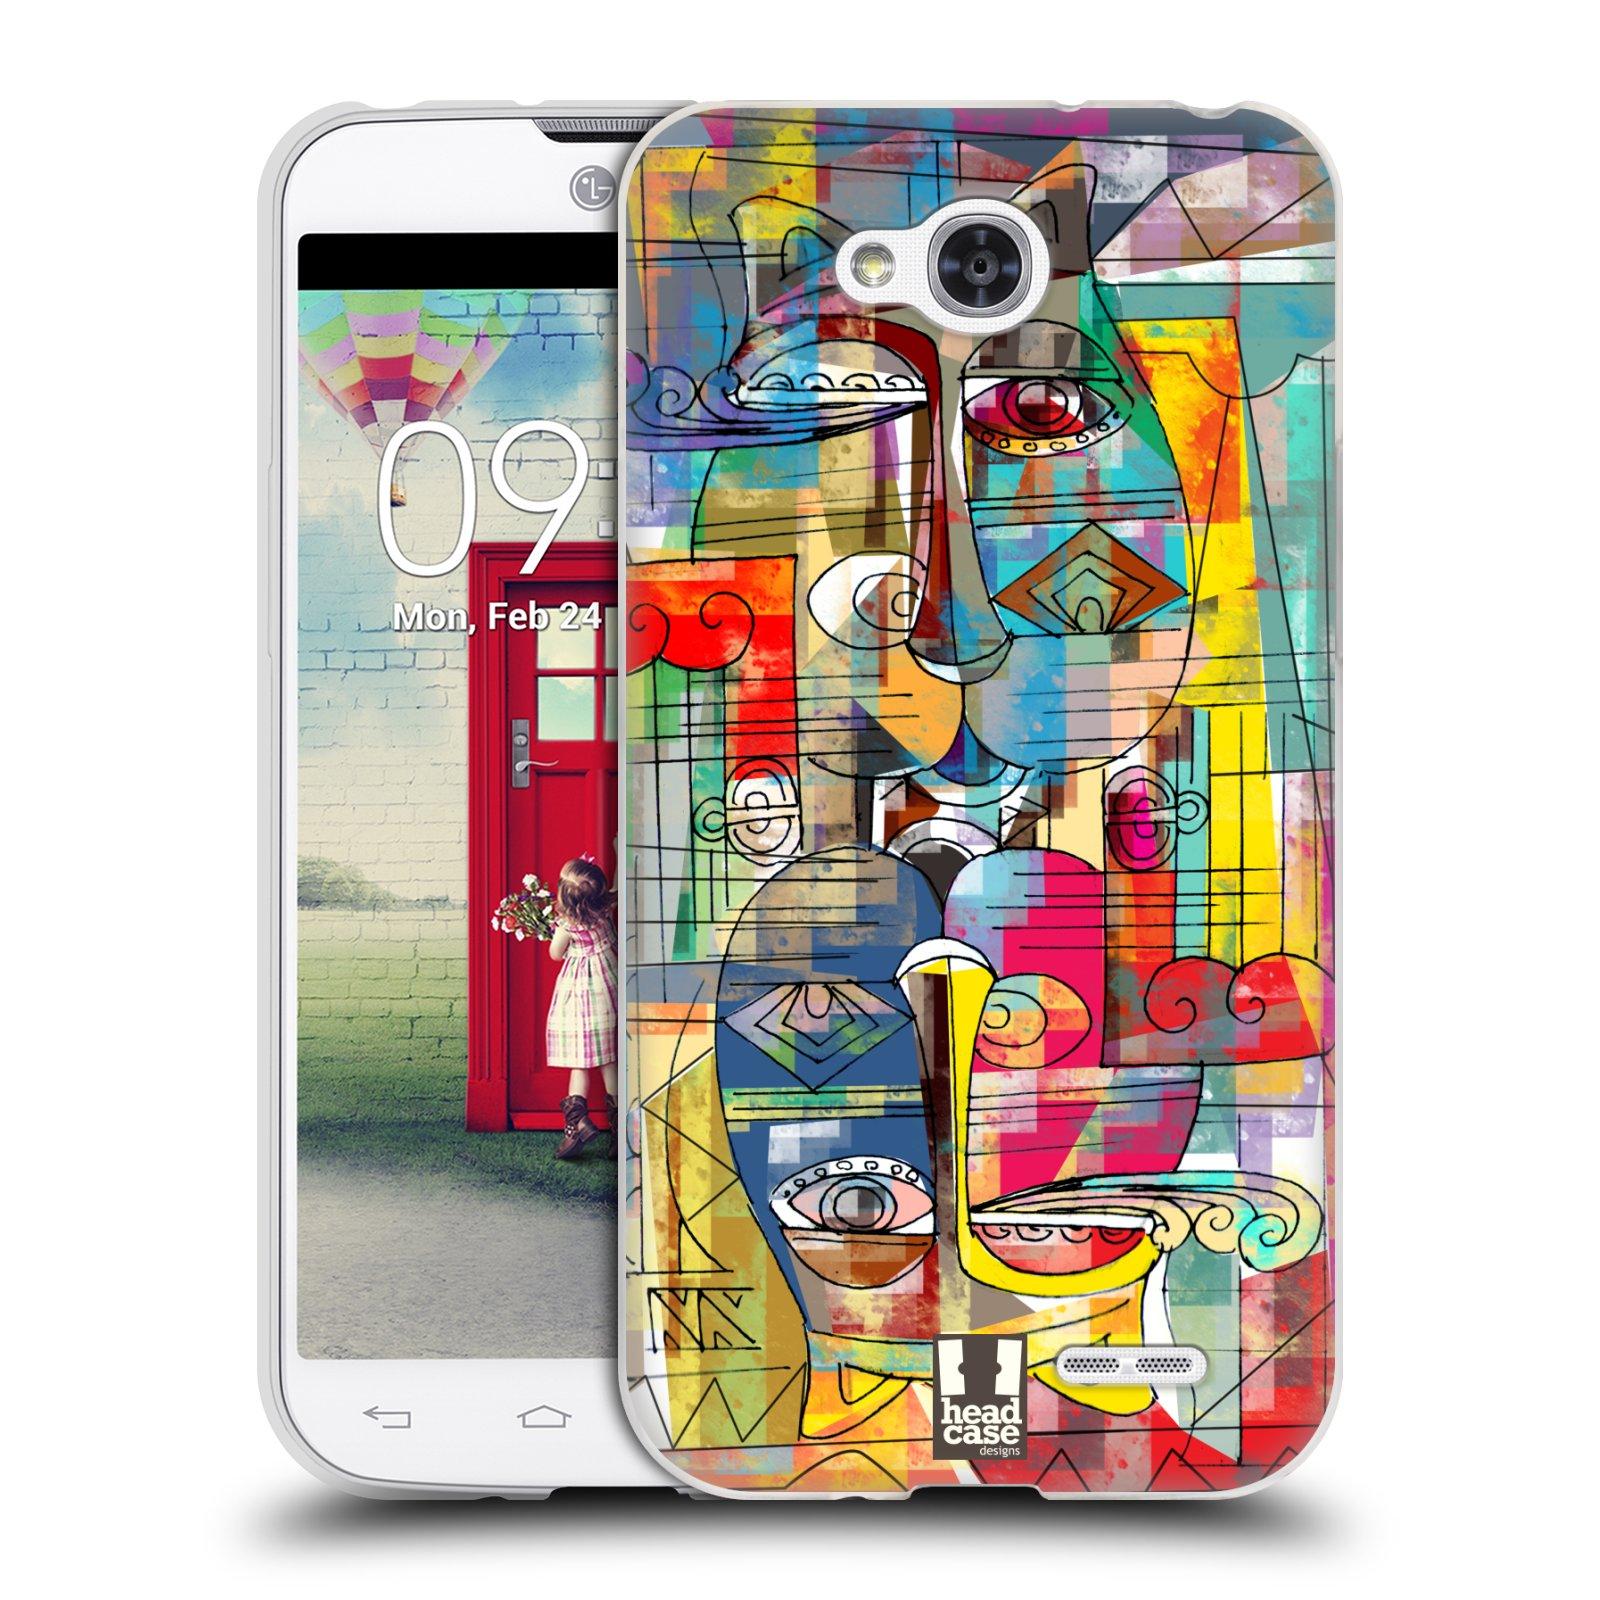 Silikonové pouzdro na mobil LG L90 HEAD CASE AZTEC MANX (Silikonový kryt či obal na mobilní telefon LG L90 D405n)